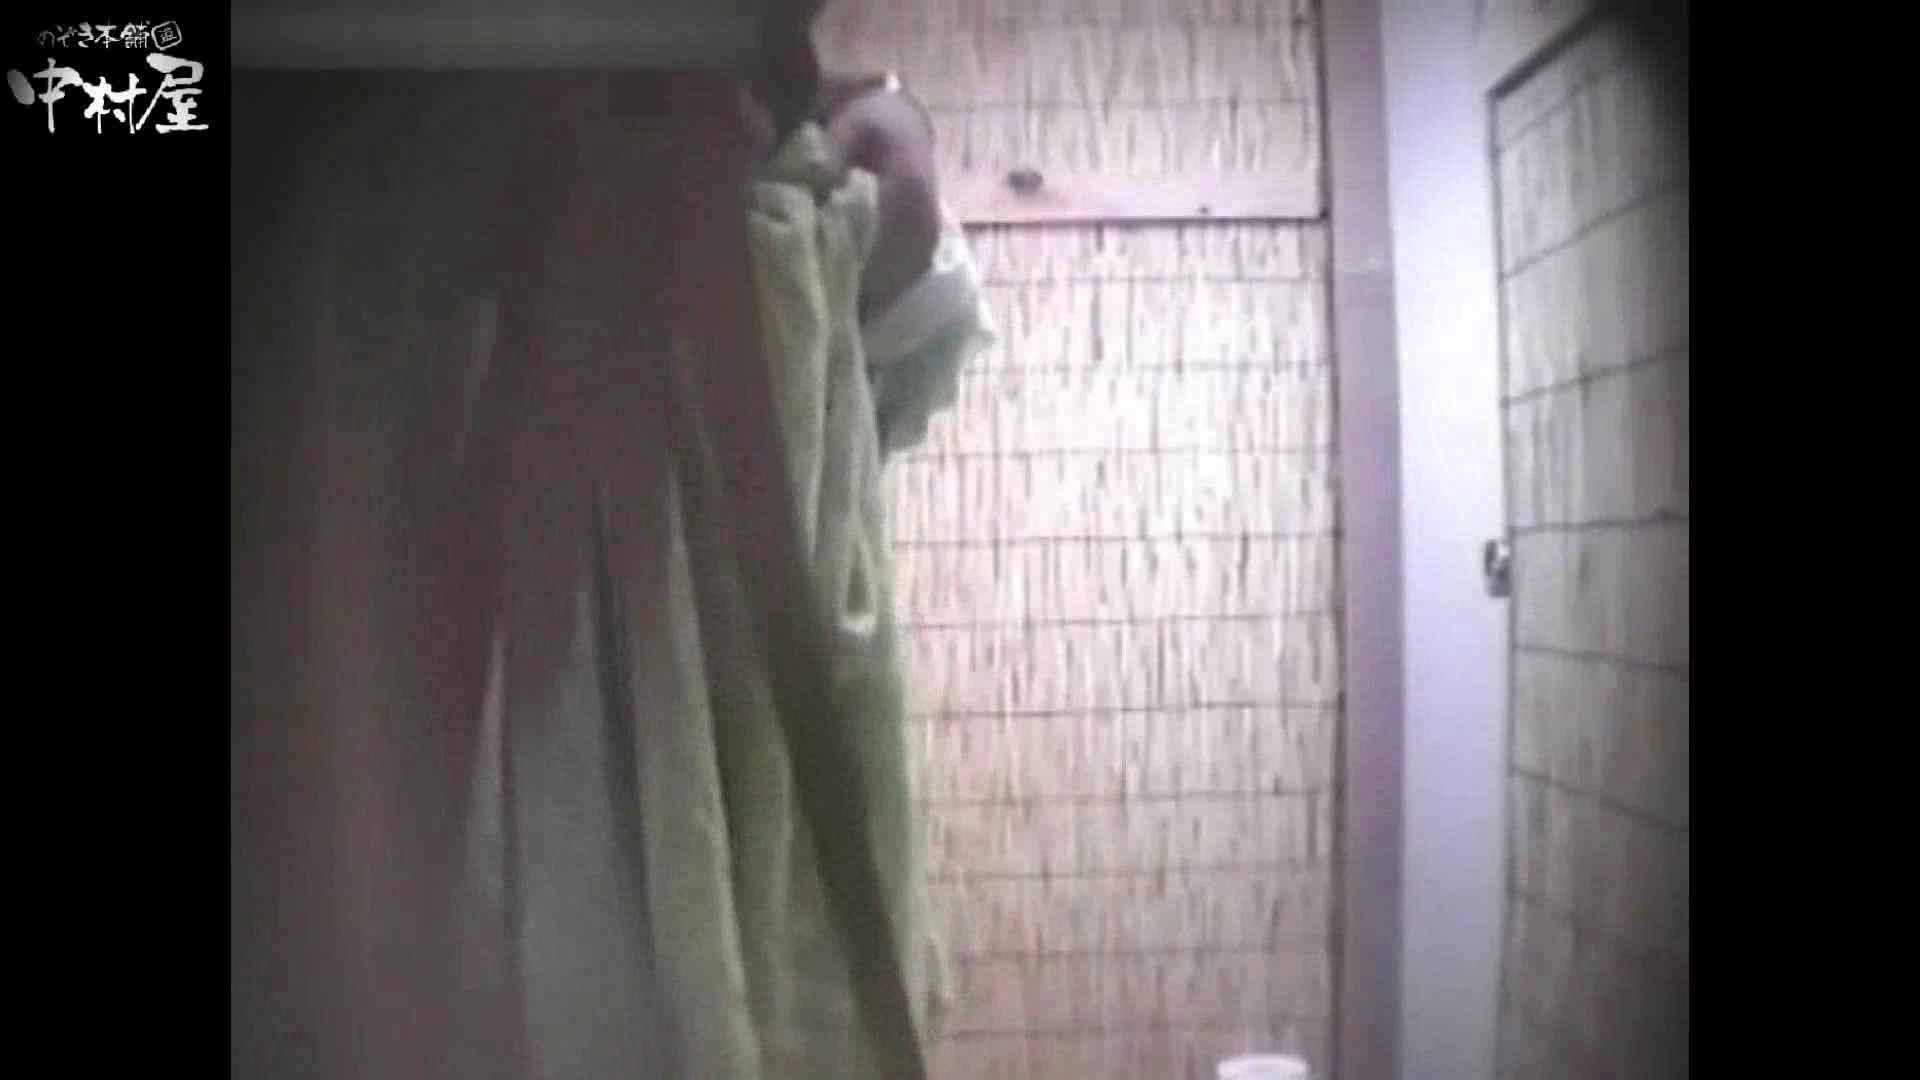 解禁!海の家4カメ洗面所vol.66 OLエロ画像 隠し撮りすけべAV動画紹介 107PICs 78